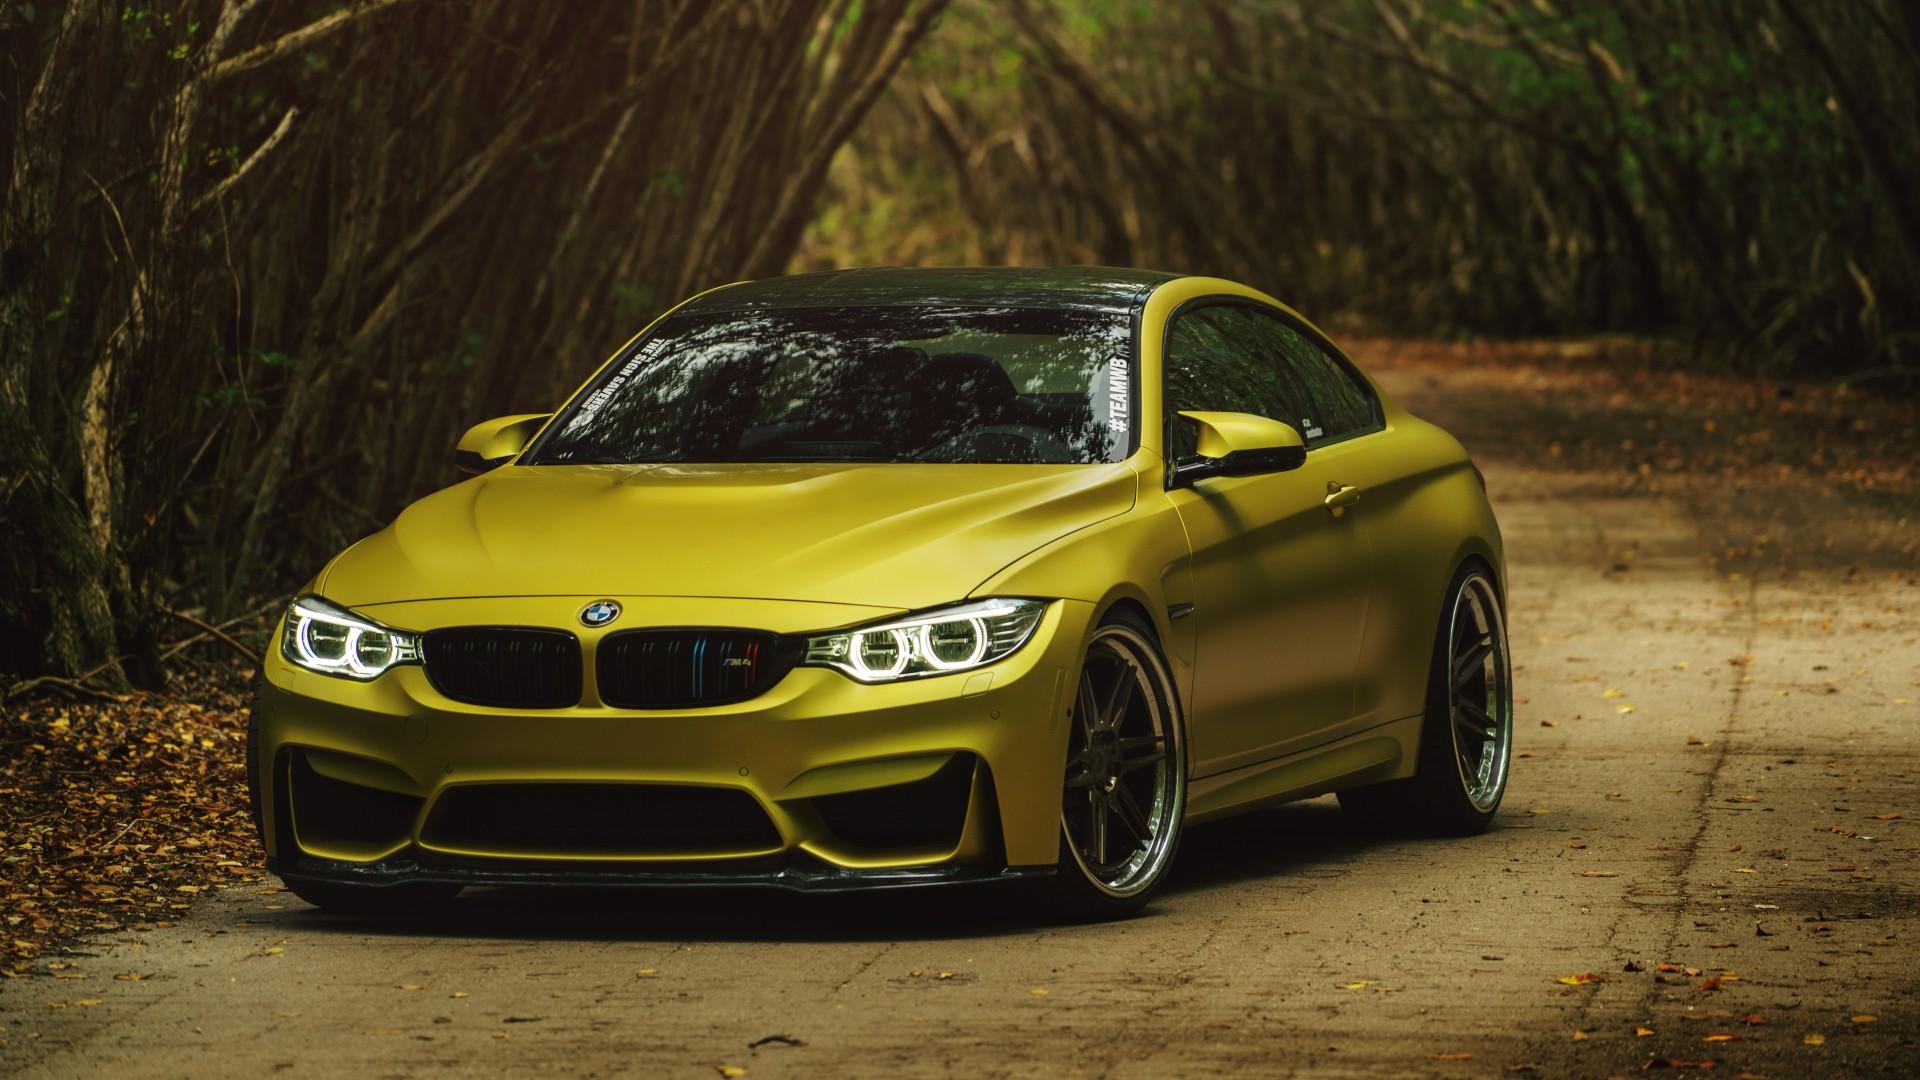 ADV1 SS Austin Yellow BMW M4 Wallpaper | HD Car Wallpapers ...